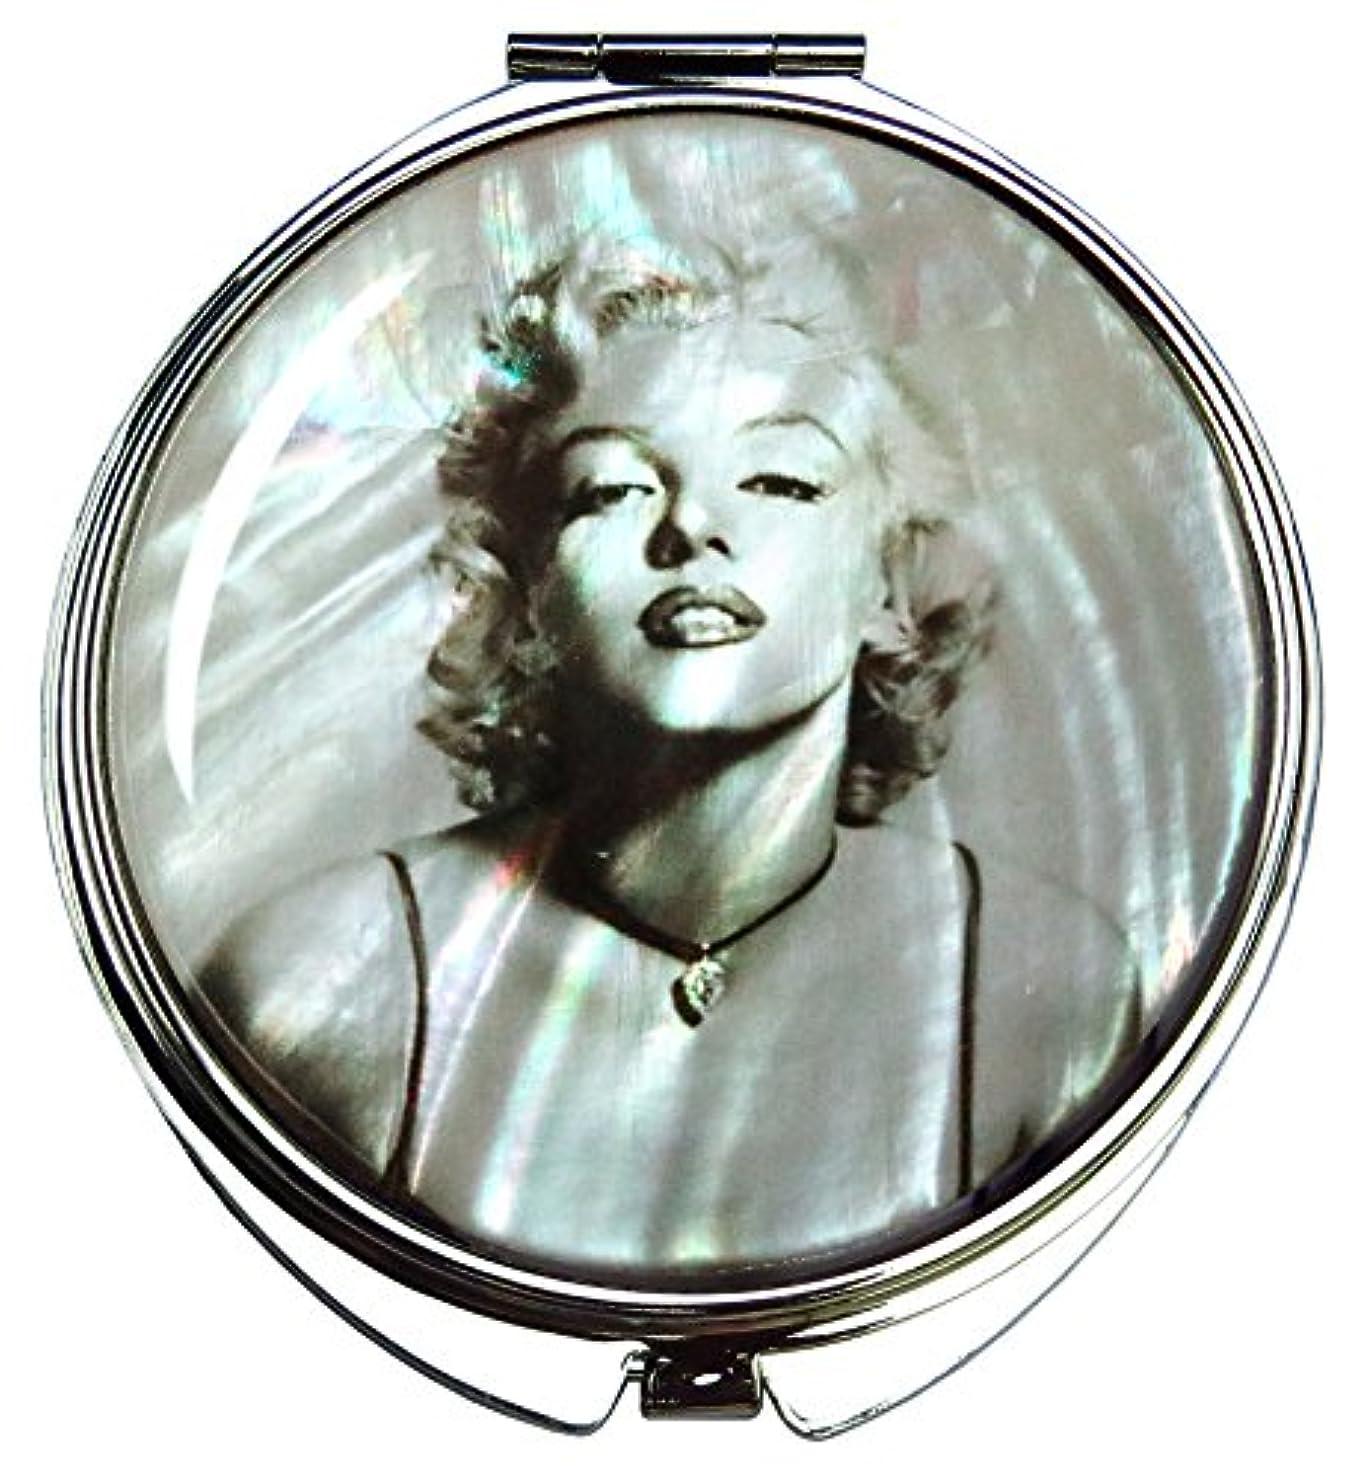 マリリン?モンローの螺鈿(らでん)の金属デュアルコンパクトな折りたたみと拡大の化粧鏡 灰色 [並行輸入品]